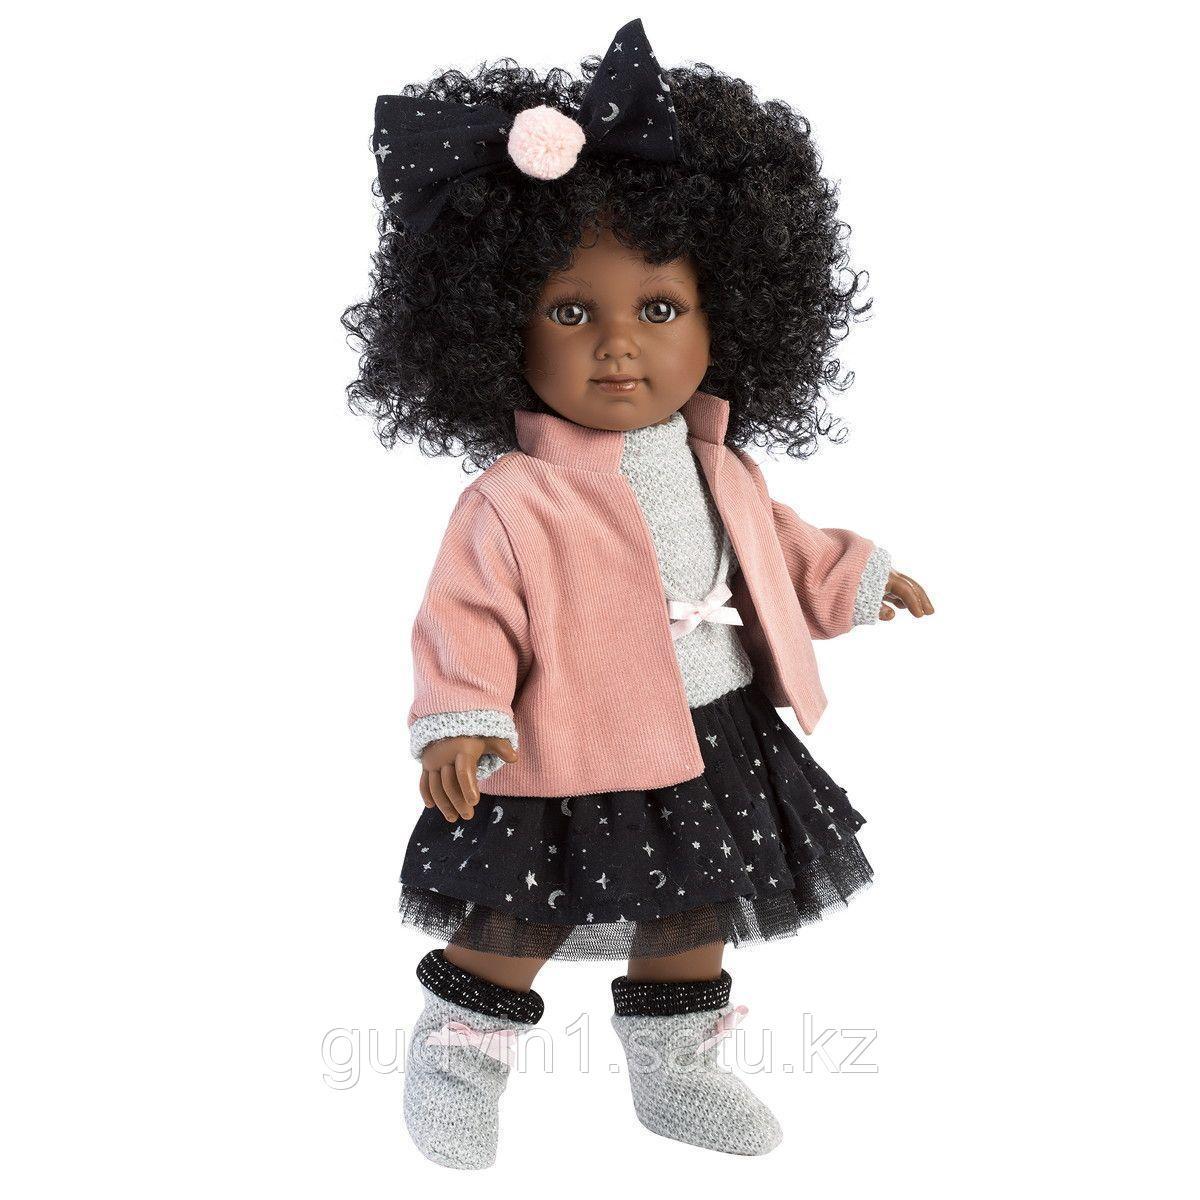 LLORENS: Кукла Зури 35см, мулатка в розовом жакете и черной кружевной юбке 53526